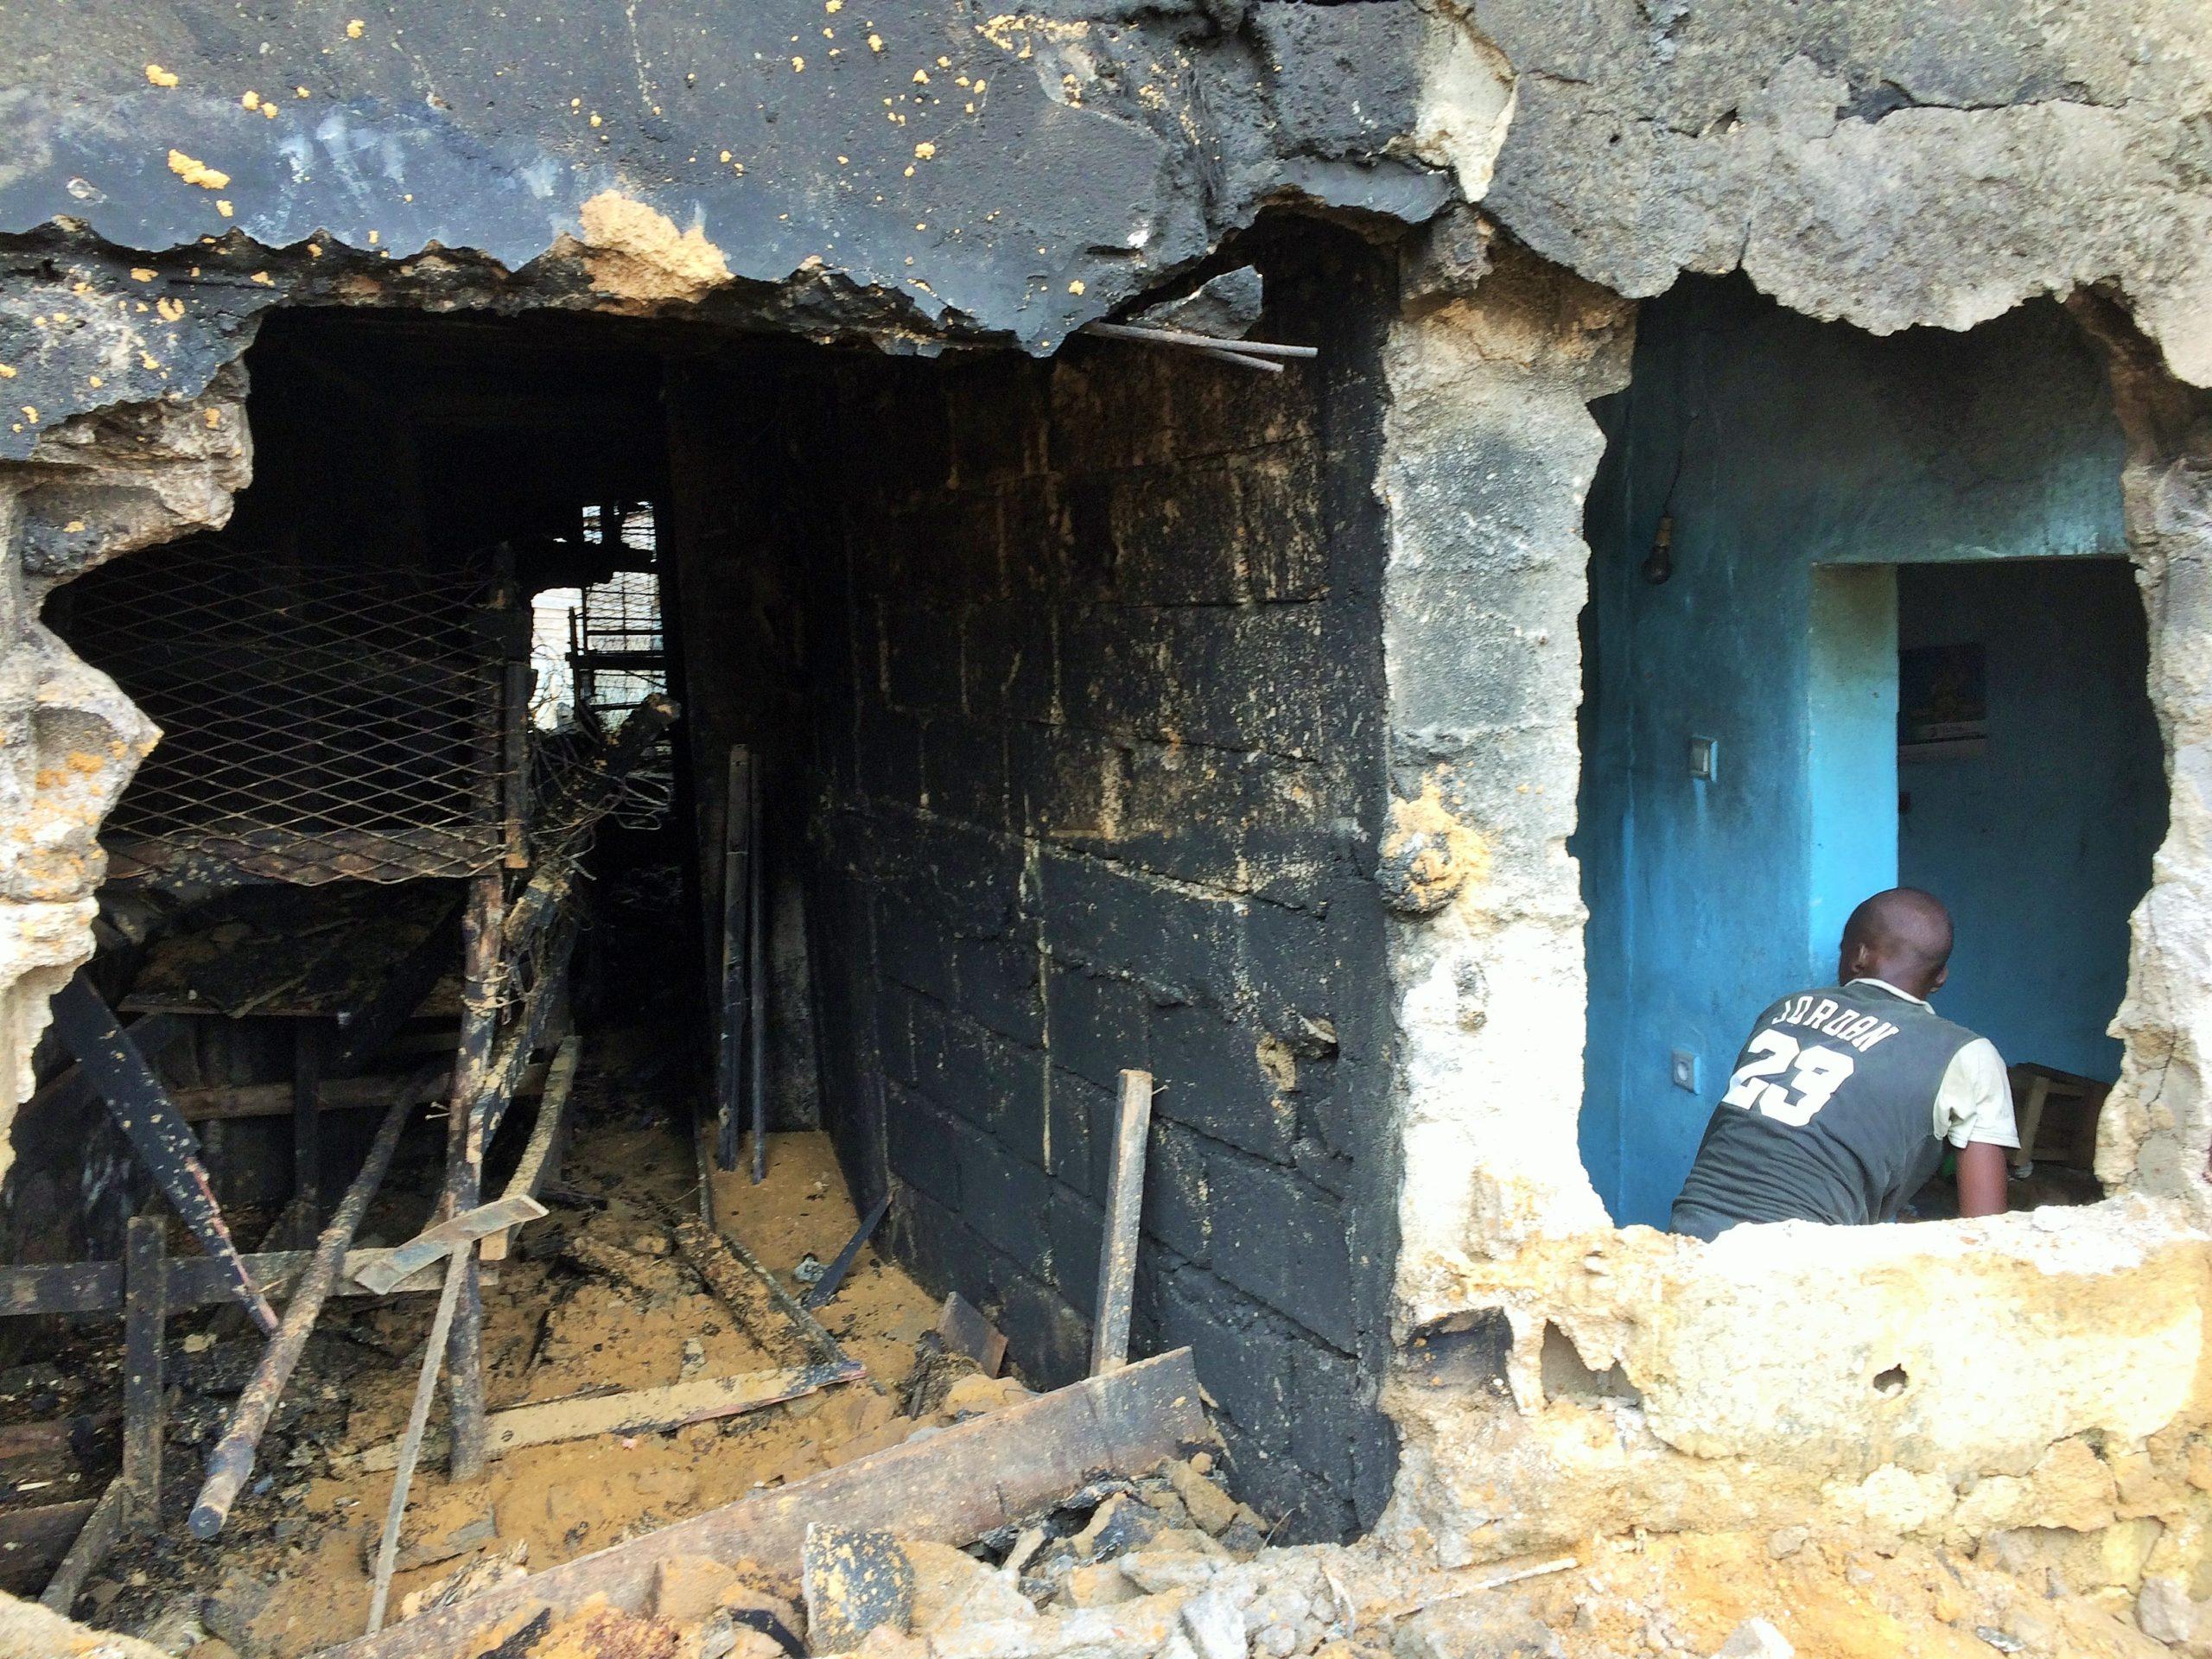 Douala, mercredi 24 mars 2021. Le mur défoncé par les sapeurs-pompiers pour accéder à l'intérieur du bâtiment afin de maitriser le feu. Crédit Photo: Moustapha Oumarou